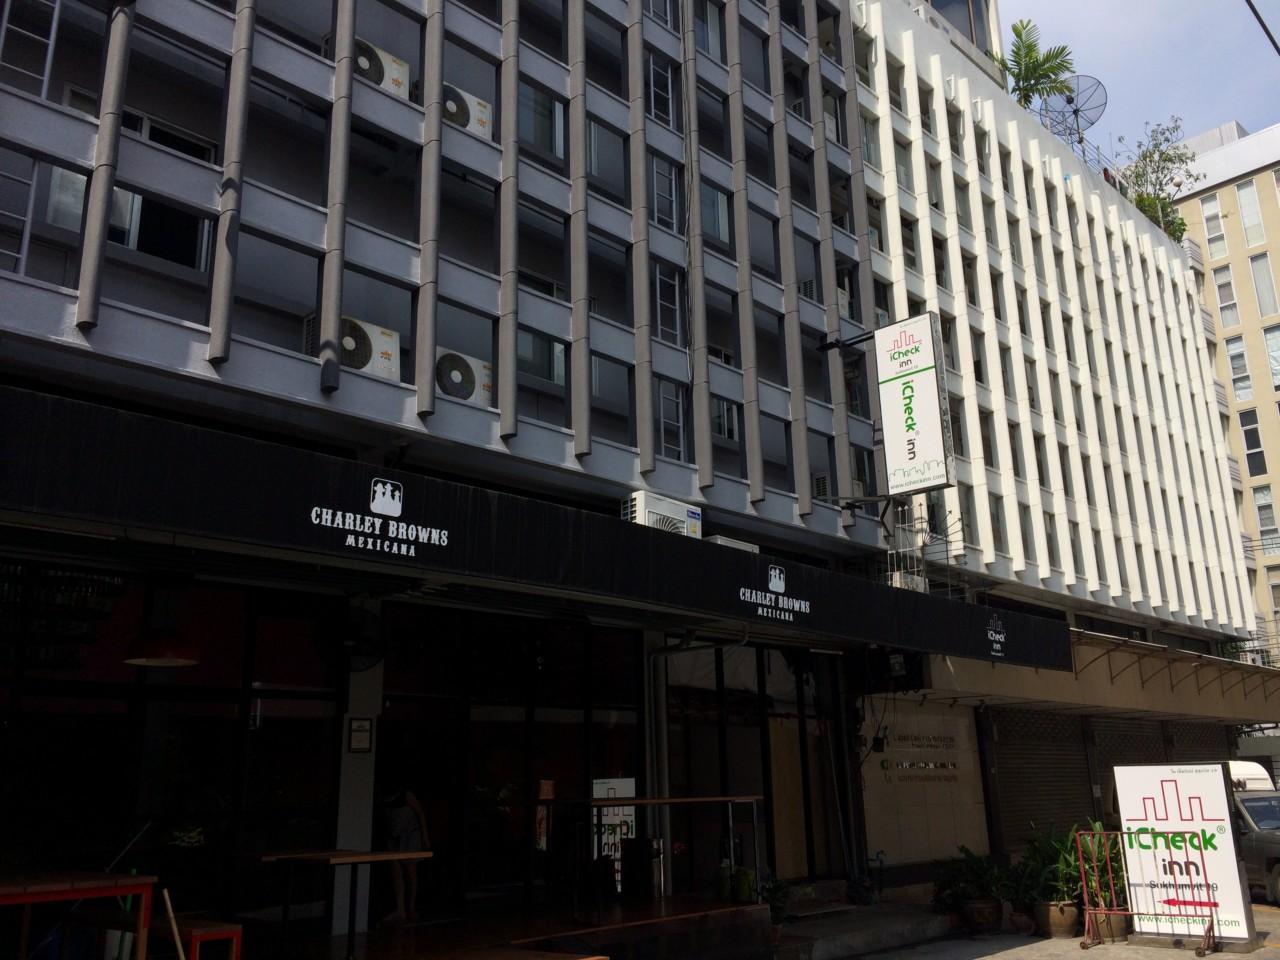 アイチェック イン スクンビット 19ホテル